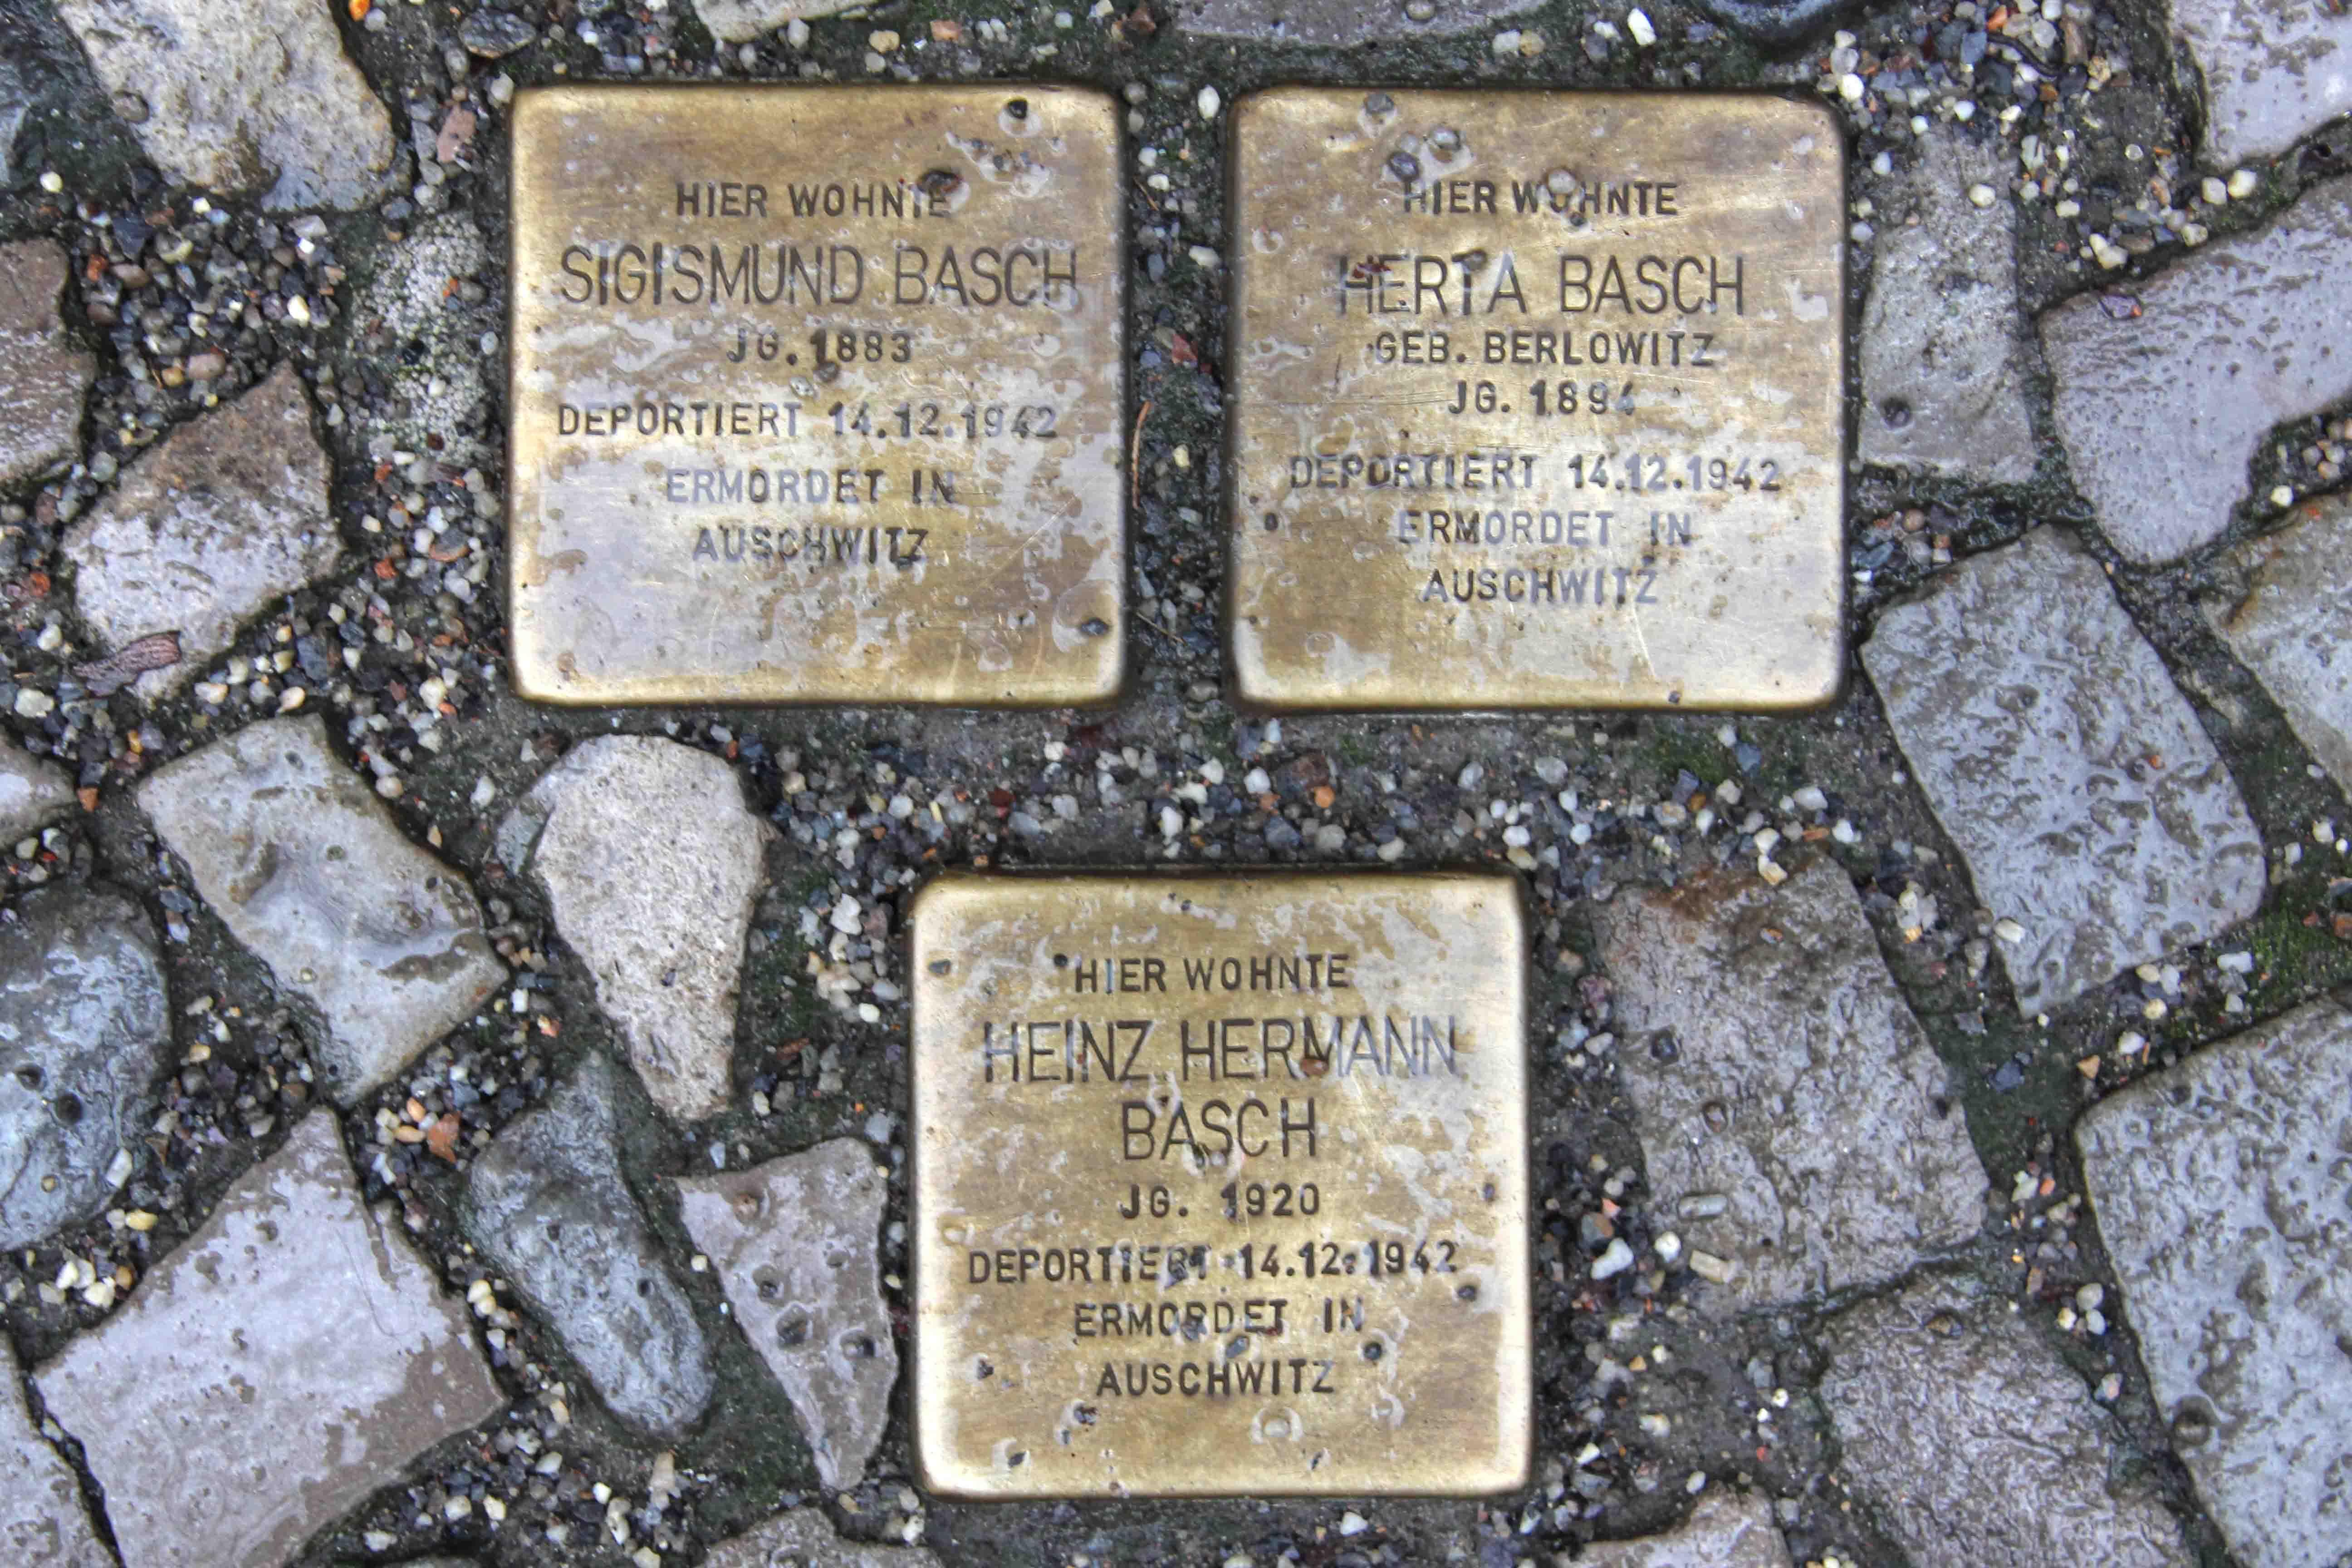 Stolpersteine Berlin 179: In memory of Sigismund Basch, Herta Basch and Heinz Hermann Basch (Keithstrasse 14)